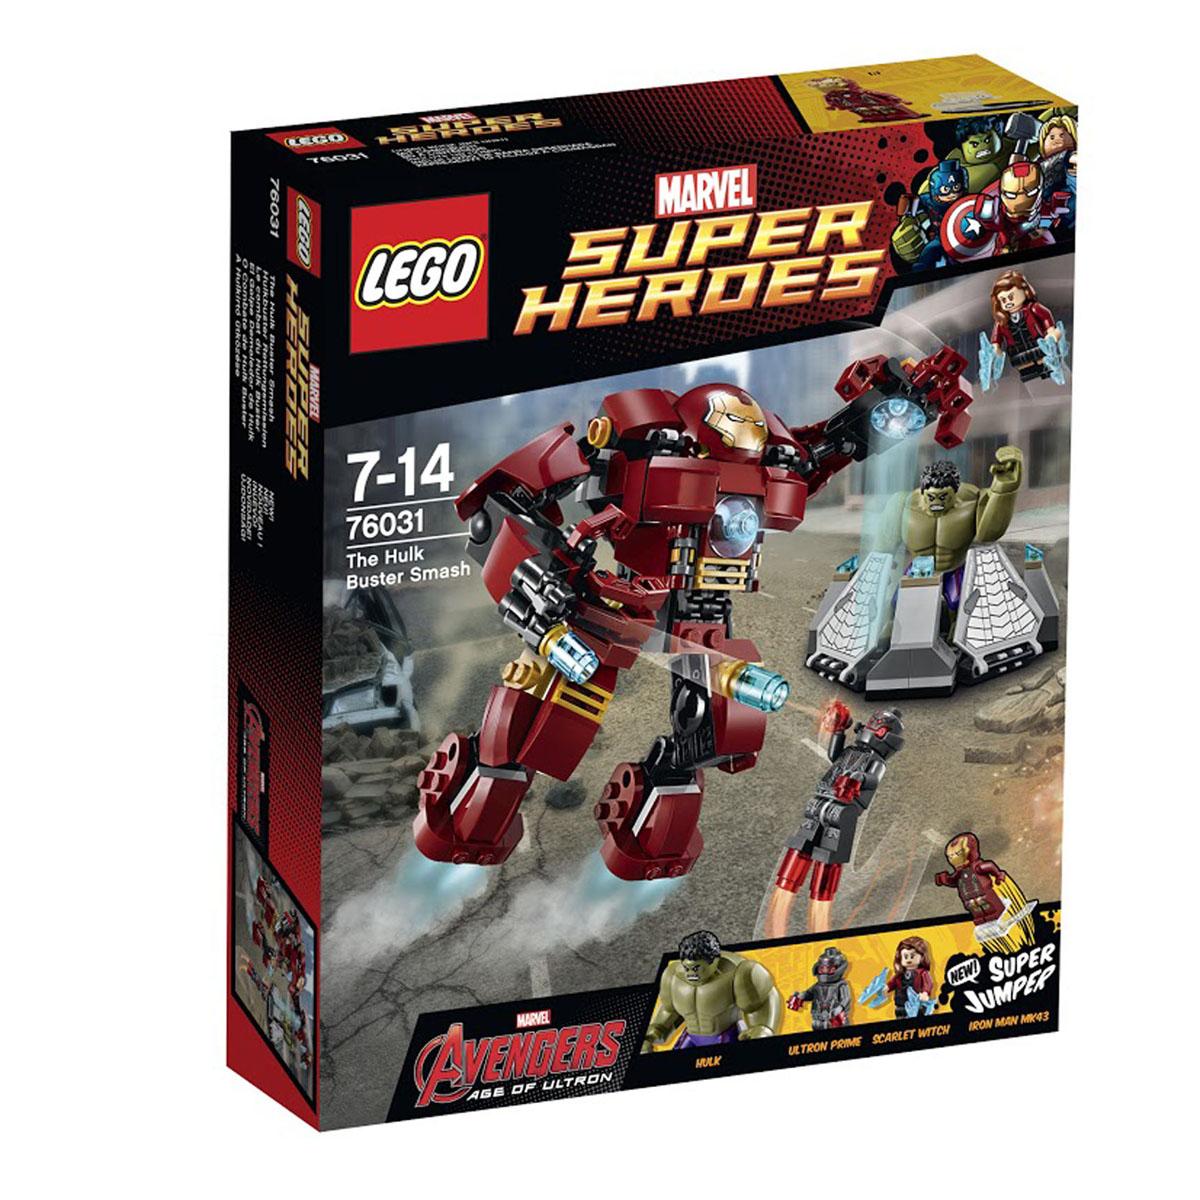 LEGO Super Heroes Конструктор Разгром Халкбастера 7603176031Халк попал в плен к Альтрону, и он готов выпустить в него электрическую стрелу, как только он попытается сбежать! Помести Железного человека в кабину костюма Халкбастера и беги на спасение! По пути тебе придется отражать атаки Альтрона с воздуха. Меняй положение рук и ног Халкбастера, принимая боевые позы, и хватай злодеев мощными руками! Надежно удерживая Альтрона в механических руках, прикрепи Железного человека к супер-джамперу. Избавься от Альтрона точным прыжком и освободи Халка! Этот красочный игровой набор содержит 248 пластиковых элементов для сборки, 3 фигурки и инструкцию по сборке. Конструктор - это один из самых увлекательнейших и веселых способов времяпрепровождения. Ребенок сможет часами играть с конструктором, придумывая различные ситуации и истории. В процессе игры с конструкторами LEGO дети приобретают и постигают такие необходимые навыки как познание, творчество, воображение. Обычные наблюдения за детьми показывают, что...